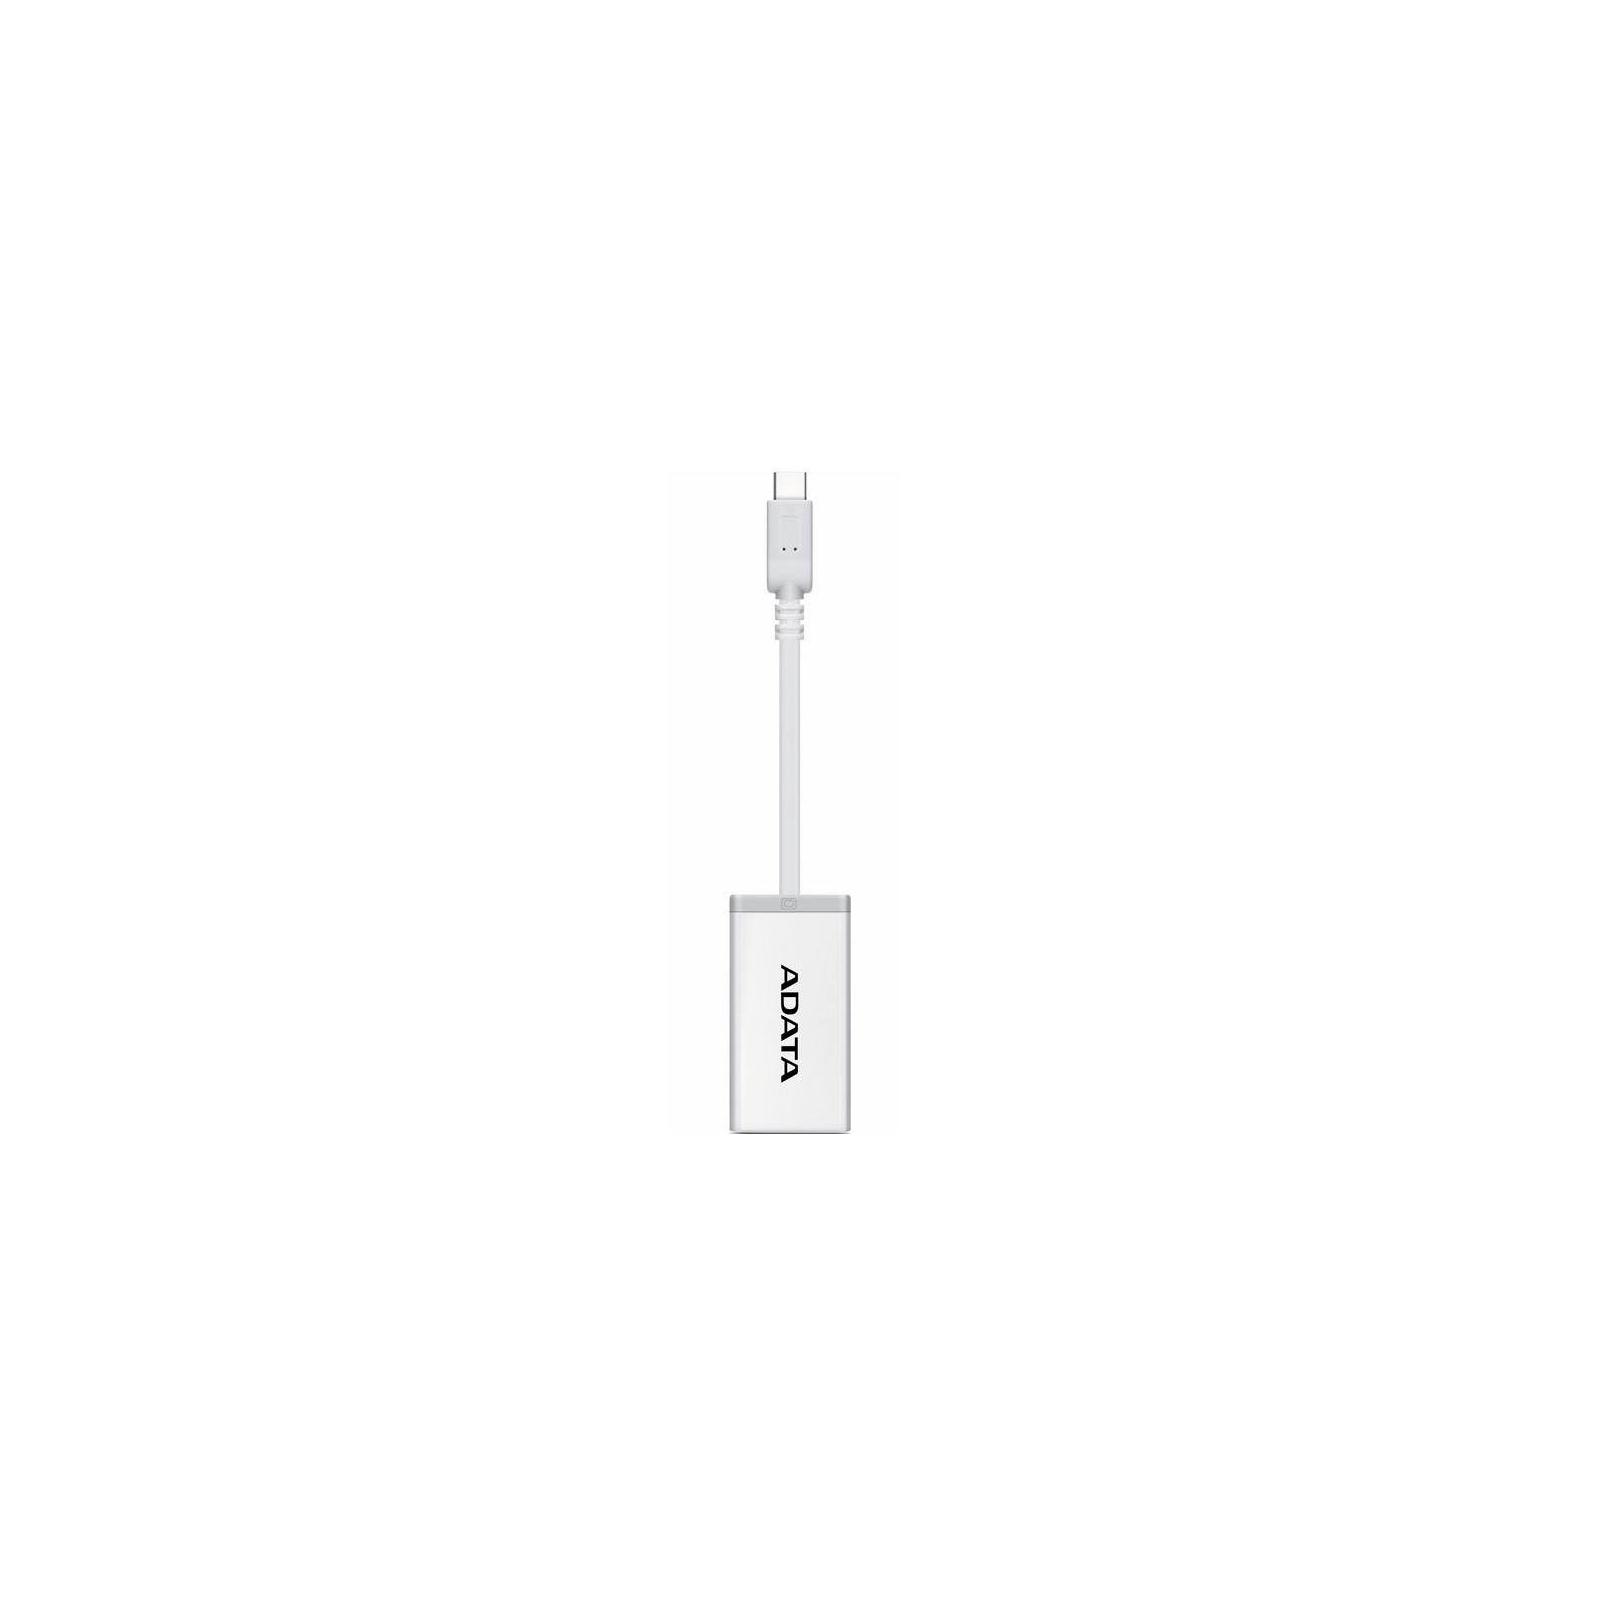 Переходник ADATA USB-C to VGA adapter (ACVGAPL-ADP-CWH) изображение 2